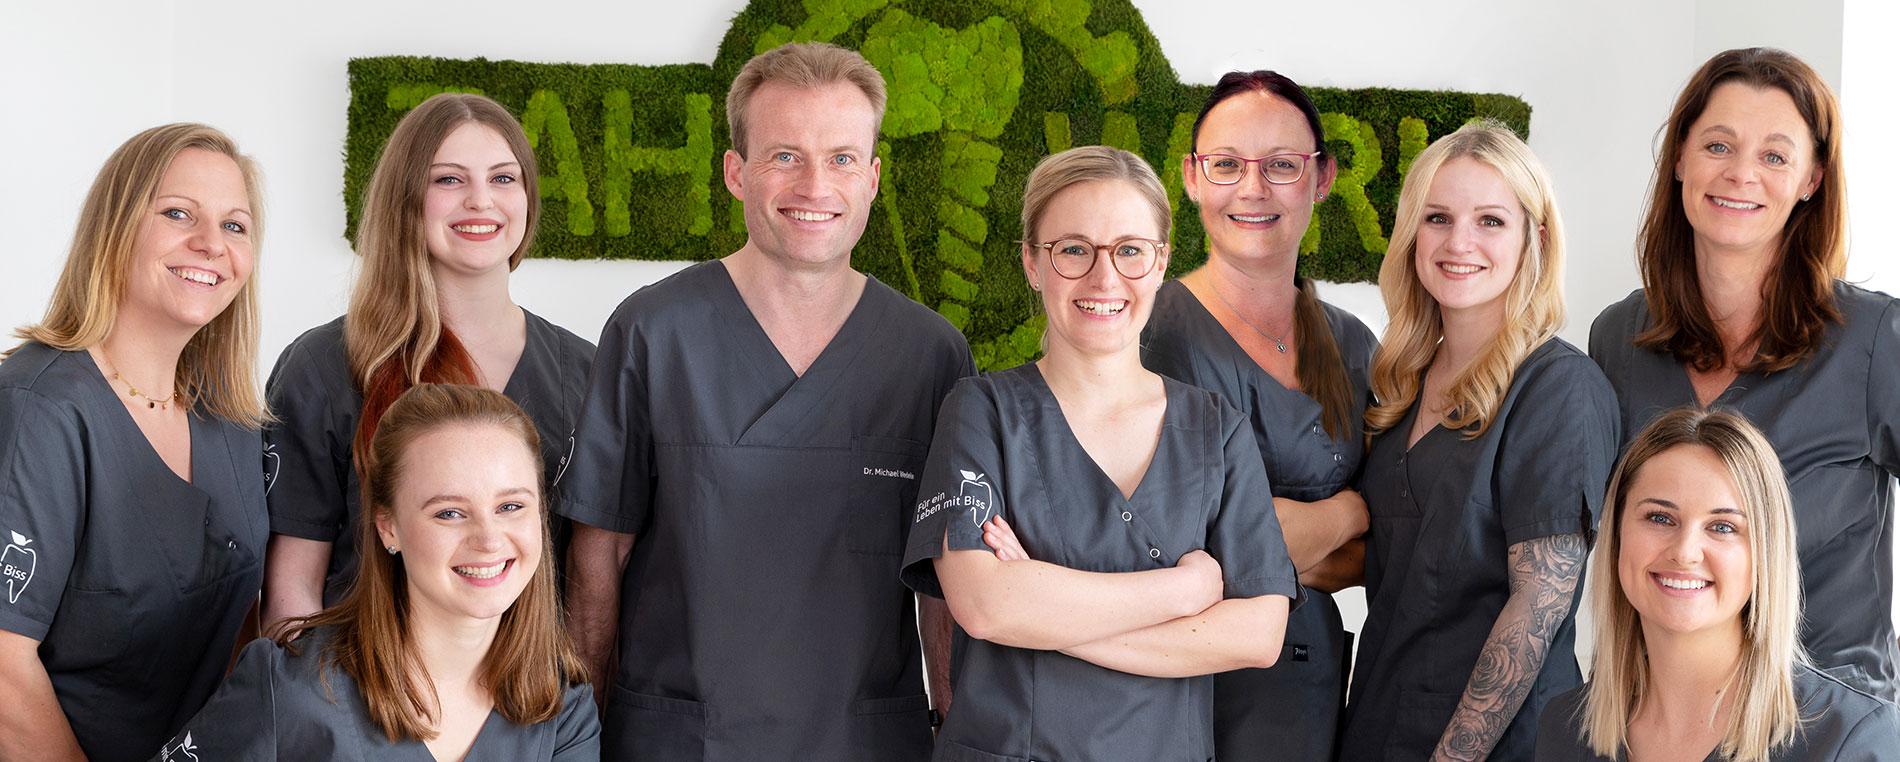 Das Team des Zahnwerks Hildesheim